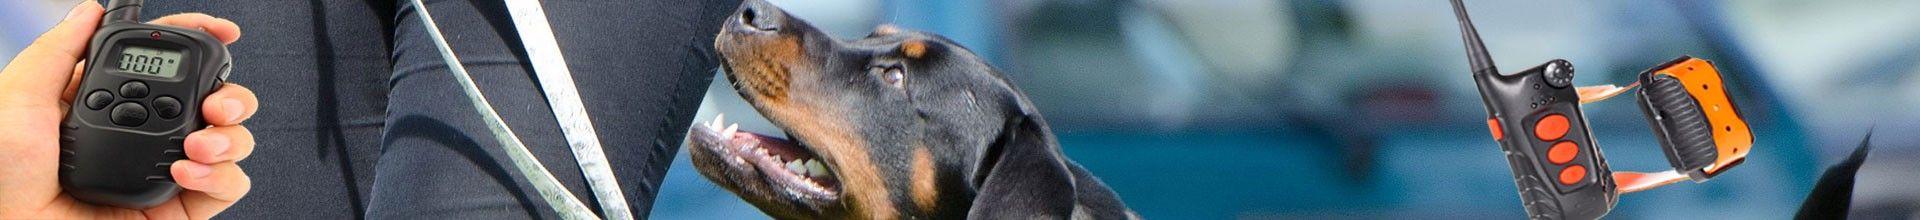 Collar de formació per a educació per a gossos.